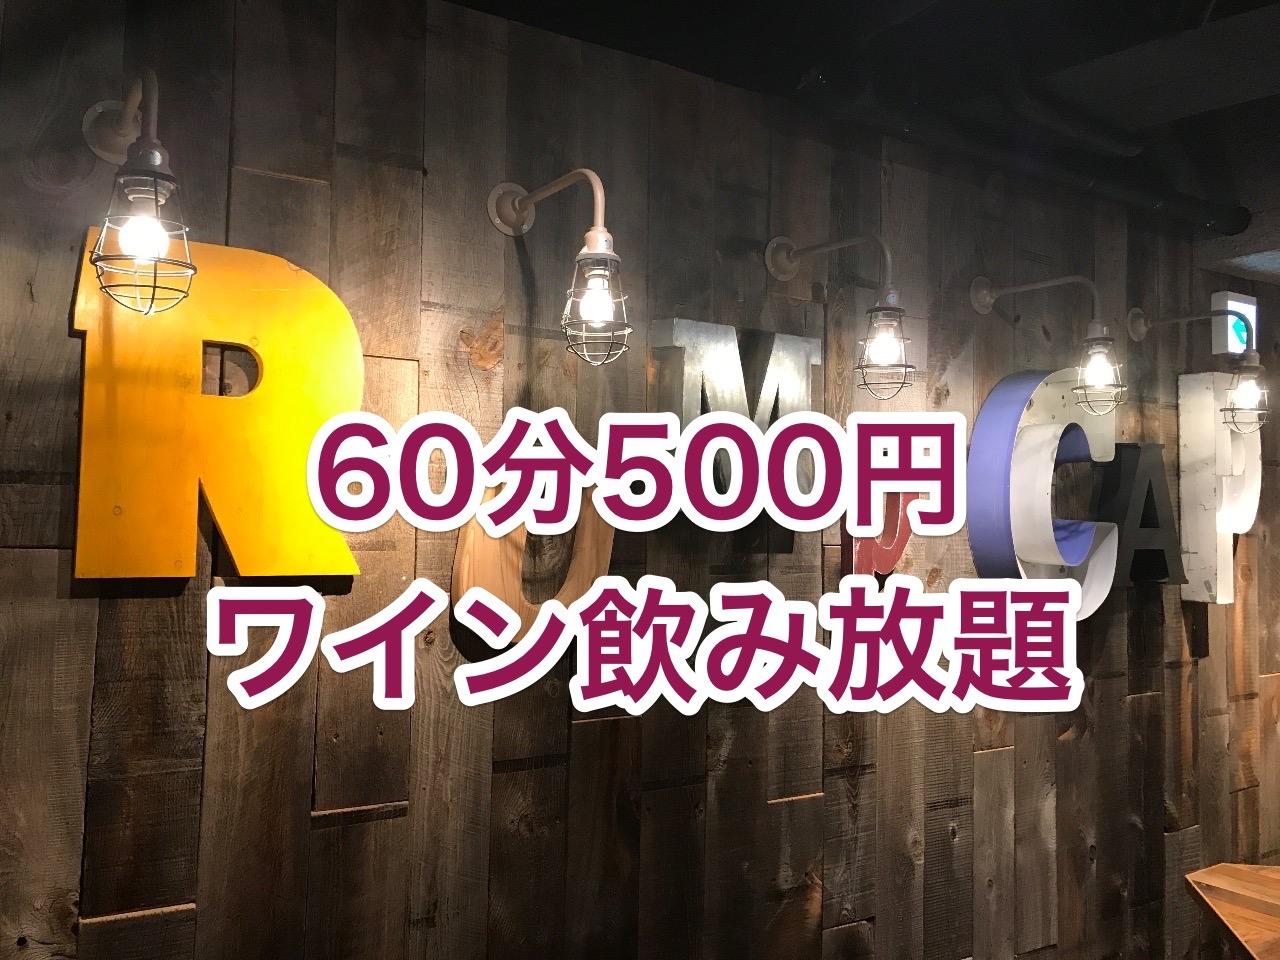 「ランプキャップ 渋谷店」60分500円ワイン飲み放題しながら肉、肉、肉三昧!